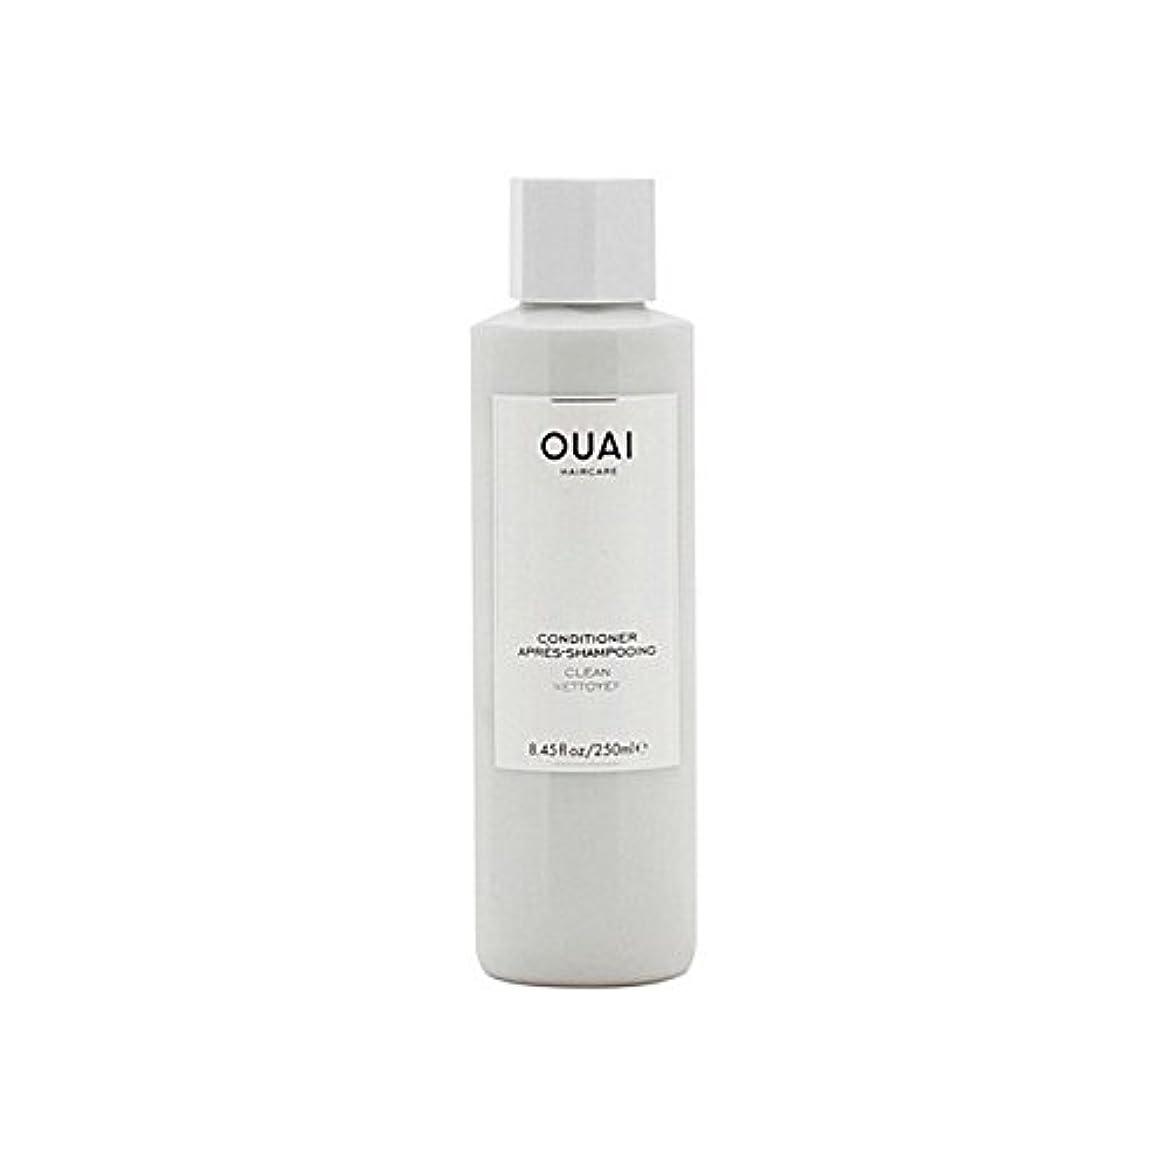 アークフォロー魅力Ouai Clean Conditioner 300ml - クリーンコンディショナー300ミリリットル [並行輸入品]